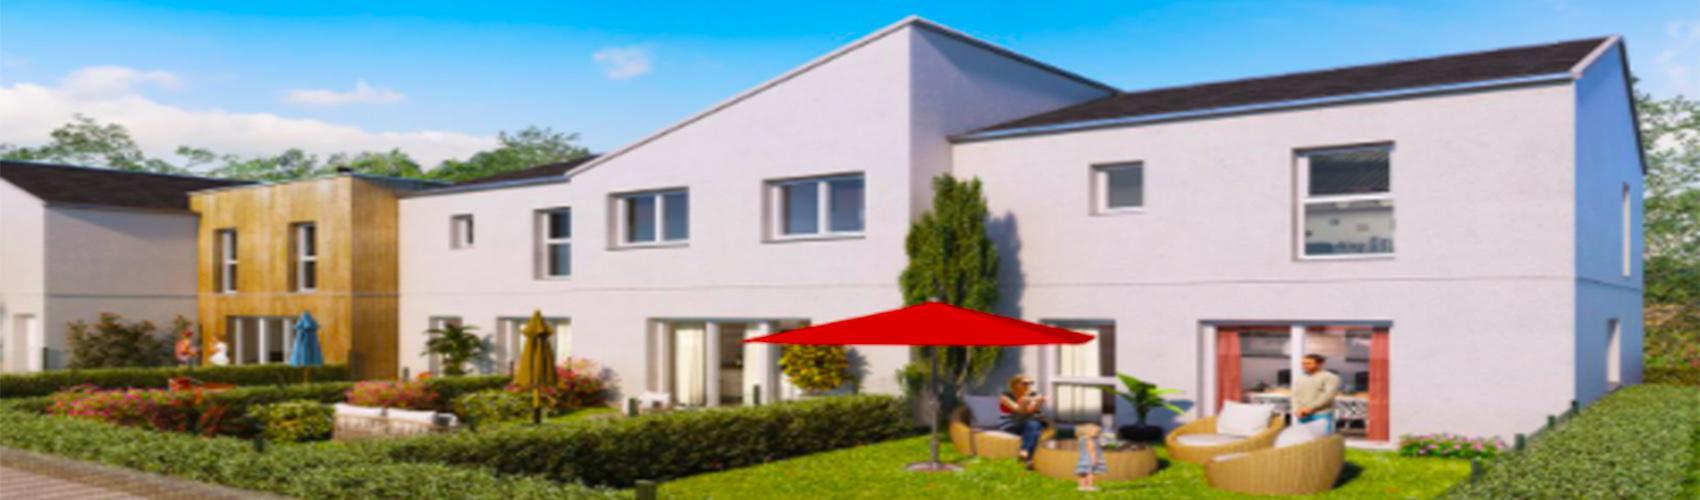 Photo du programme immobilier neuf GRA-EST-1708 à Malaunay